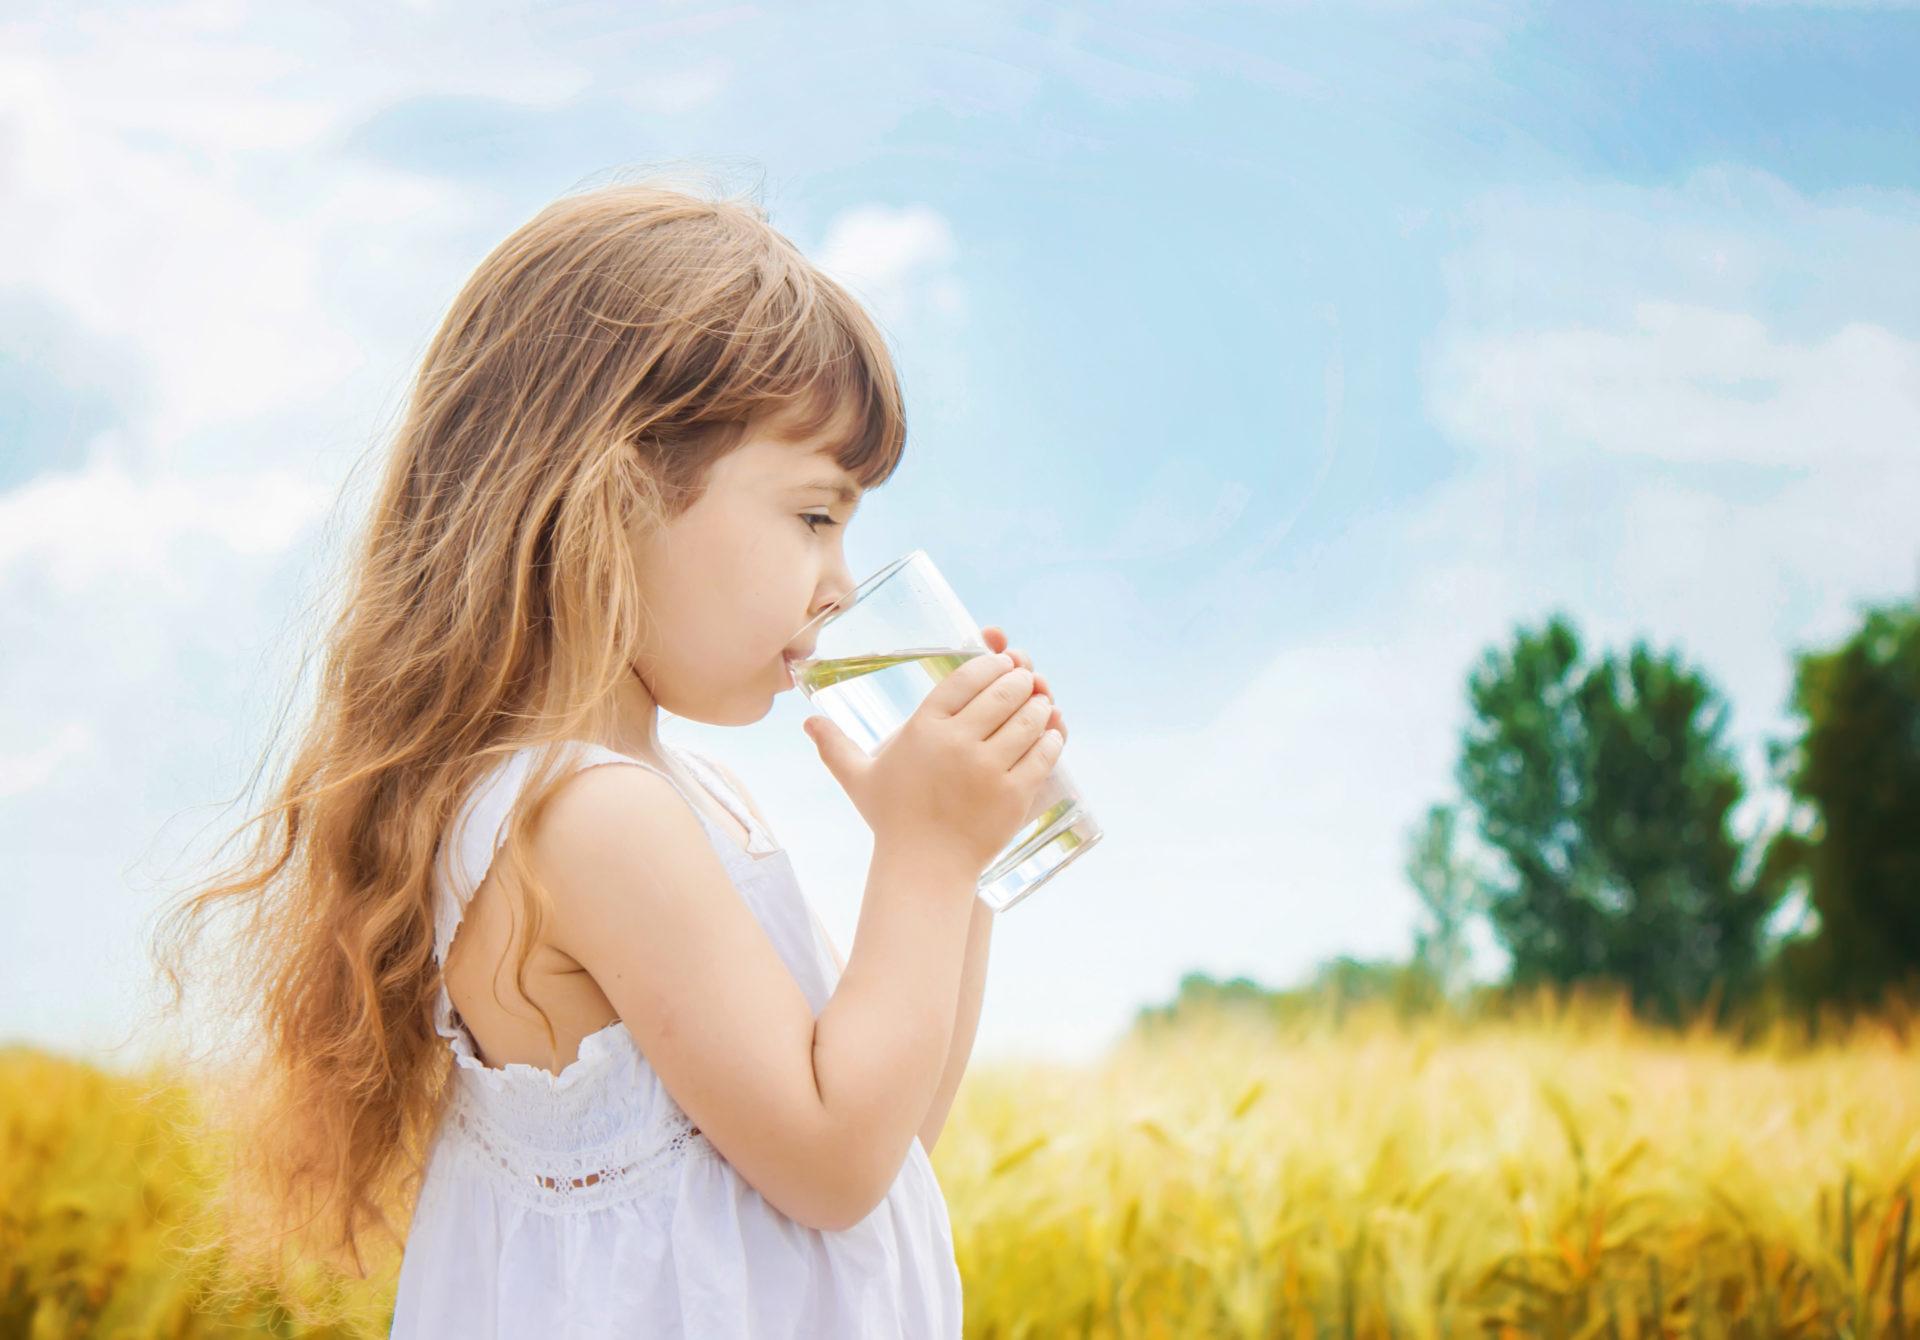 Dziewczynka ze szklanką wody, w tle polana